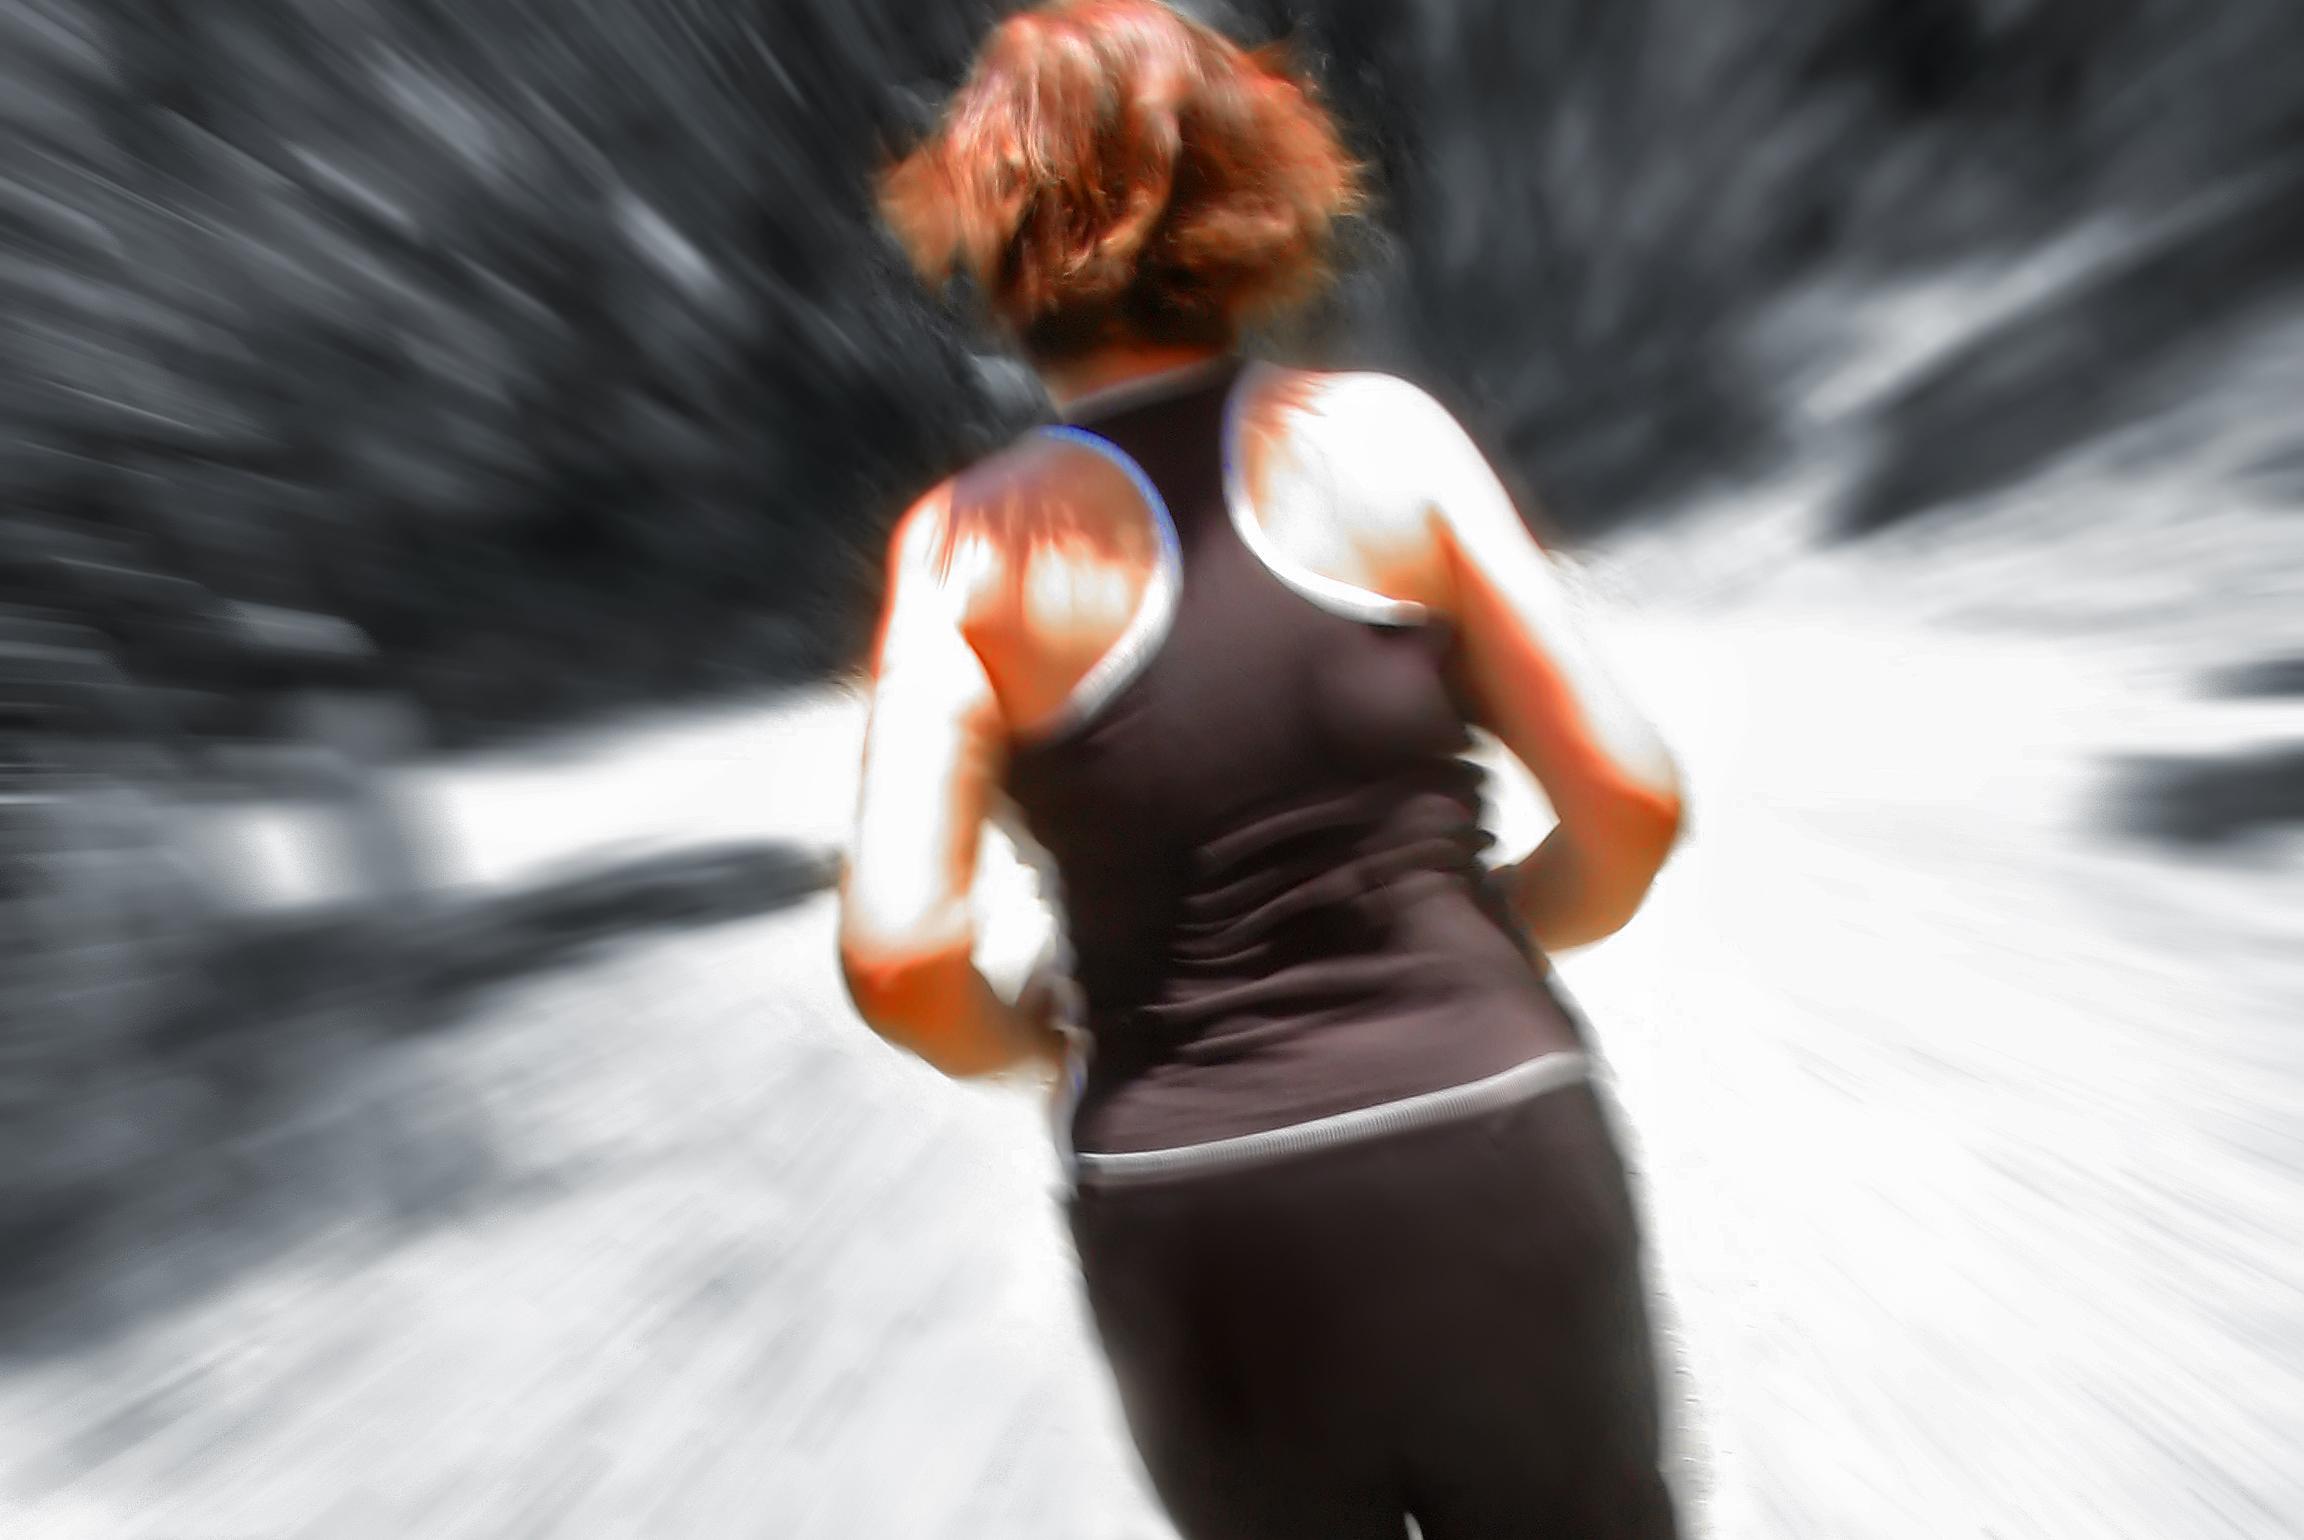 La actividad física reduce la depresión en pacientes con EPOC